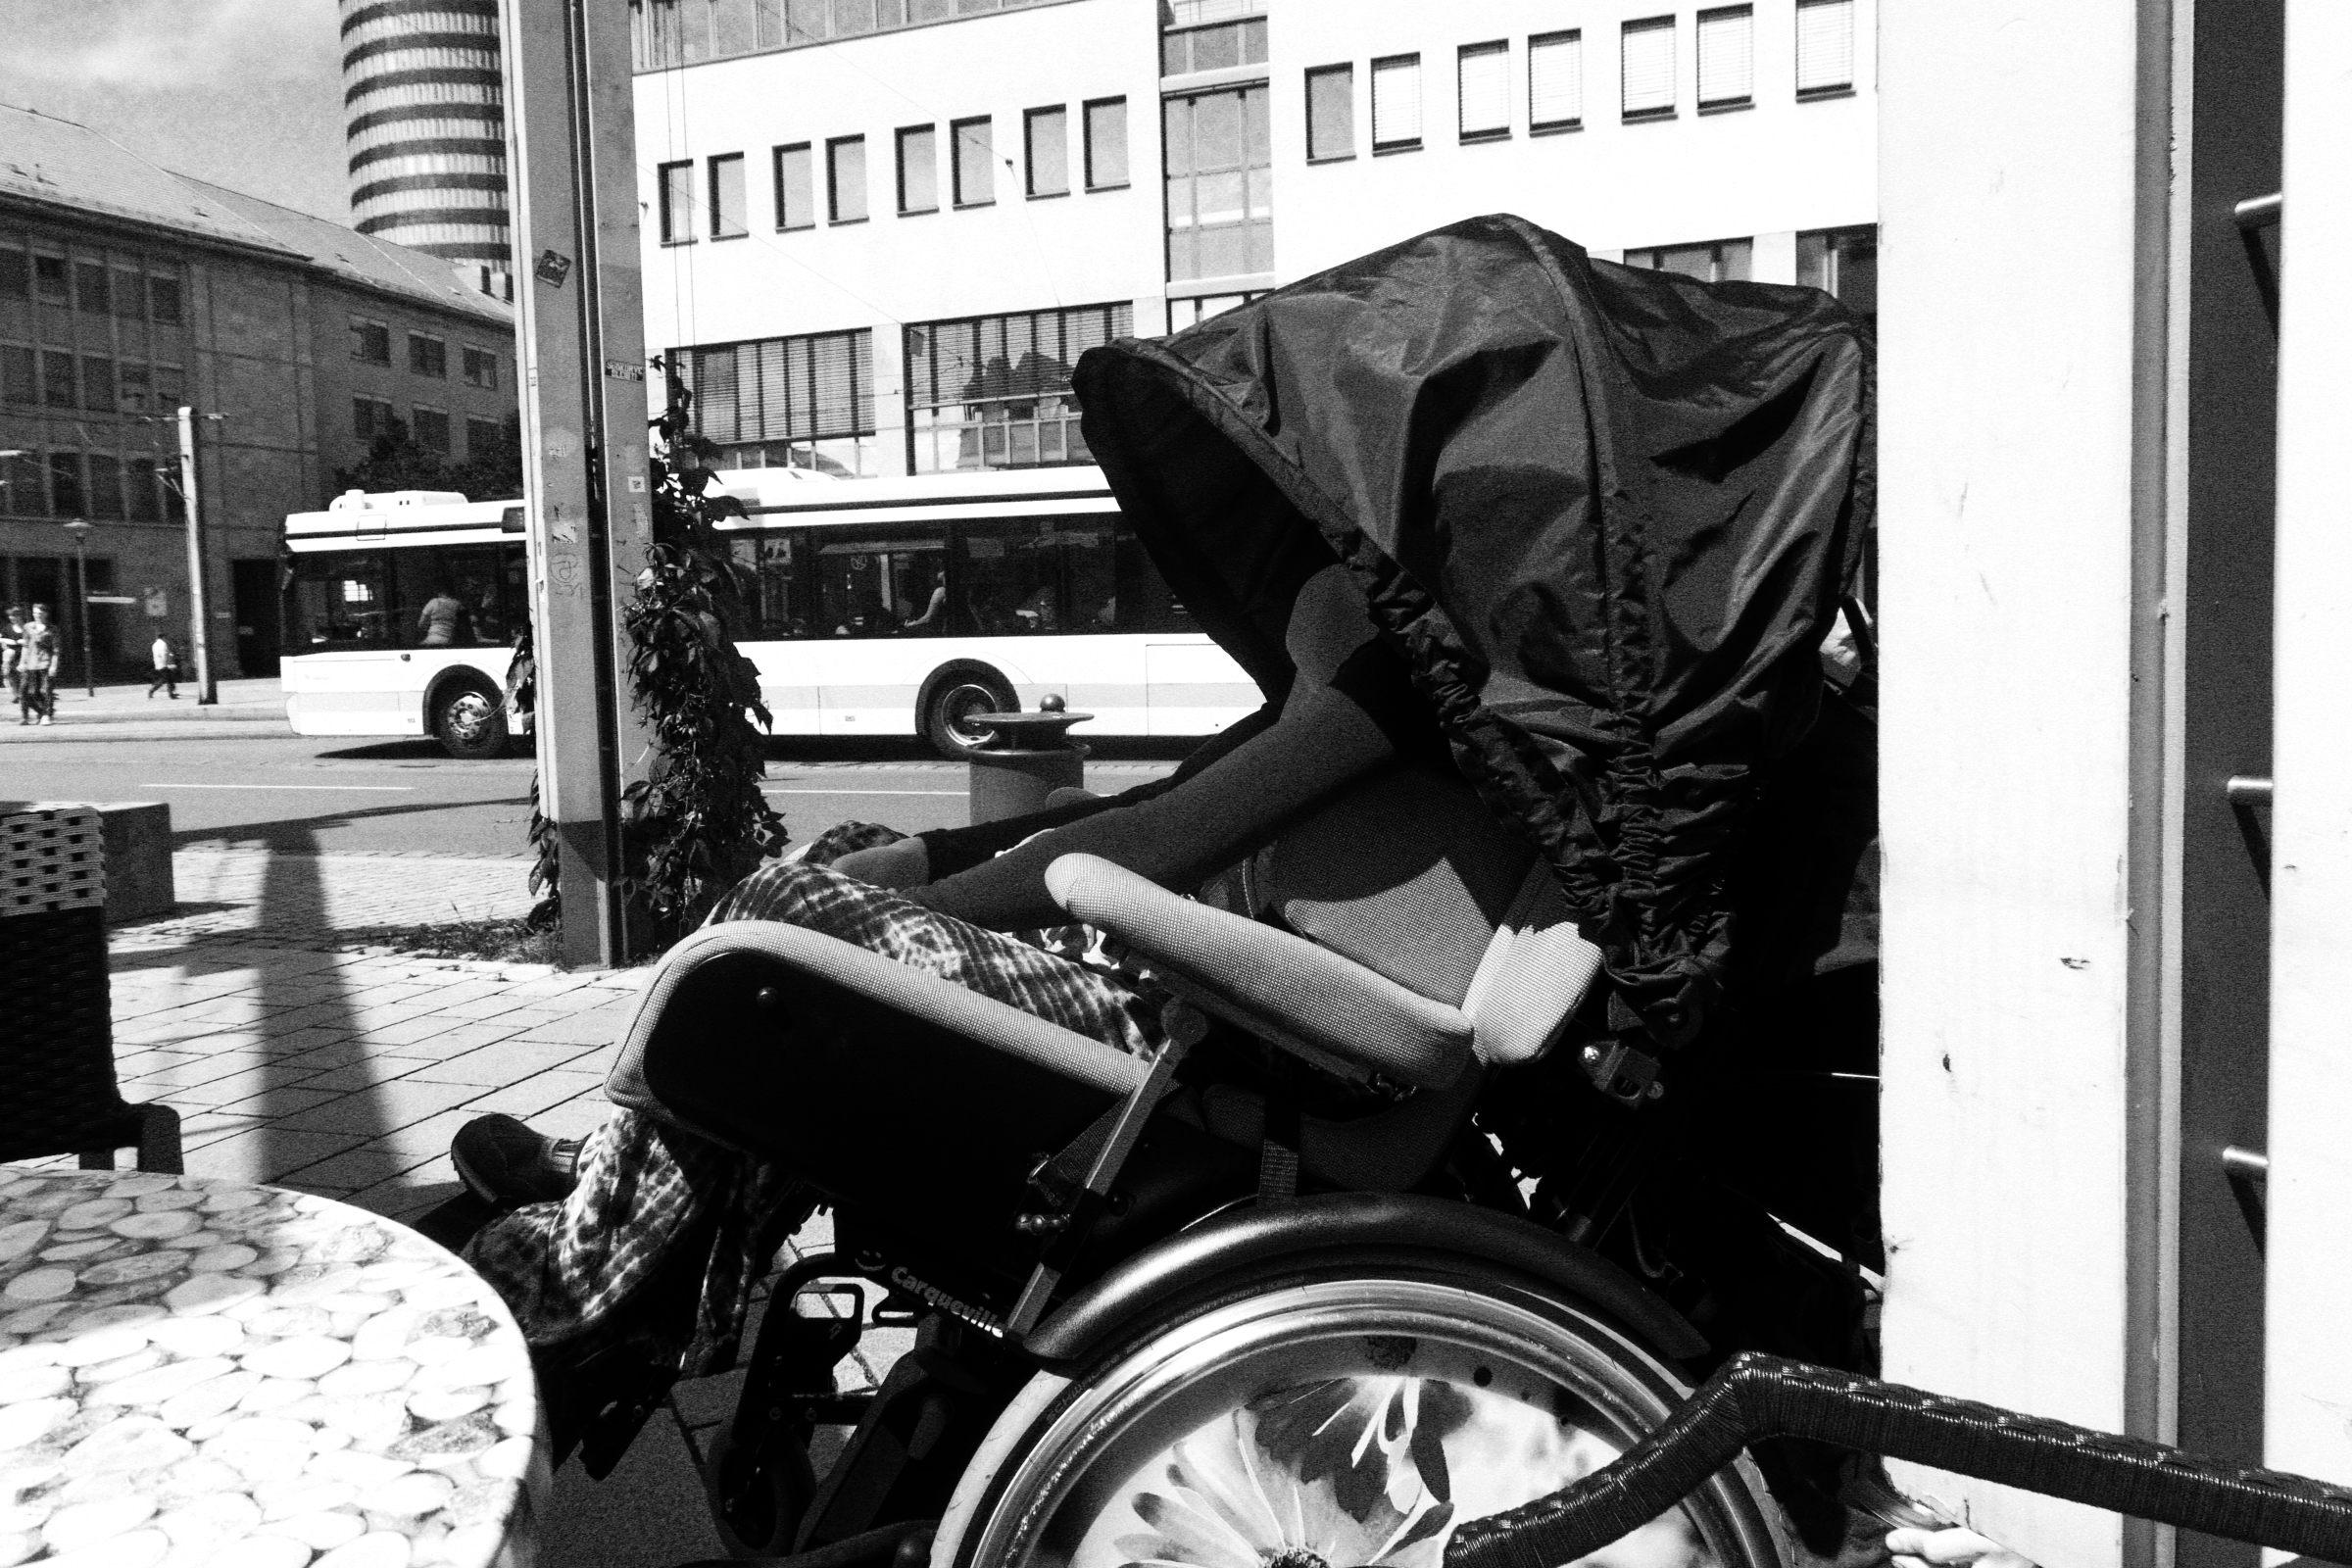 Rollstuhl mit Verdeck in der Stadt in Schwarz-Weiß